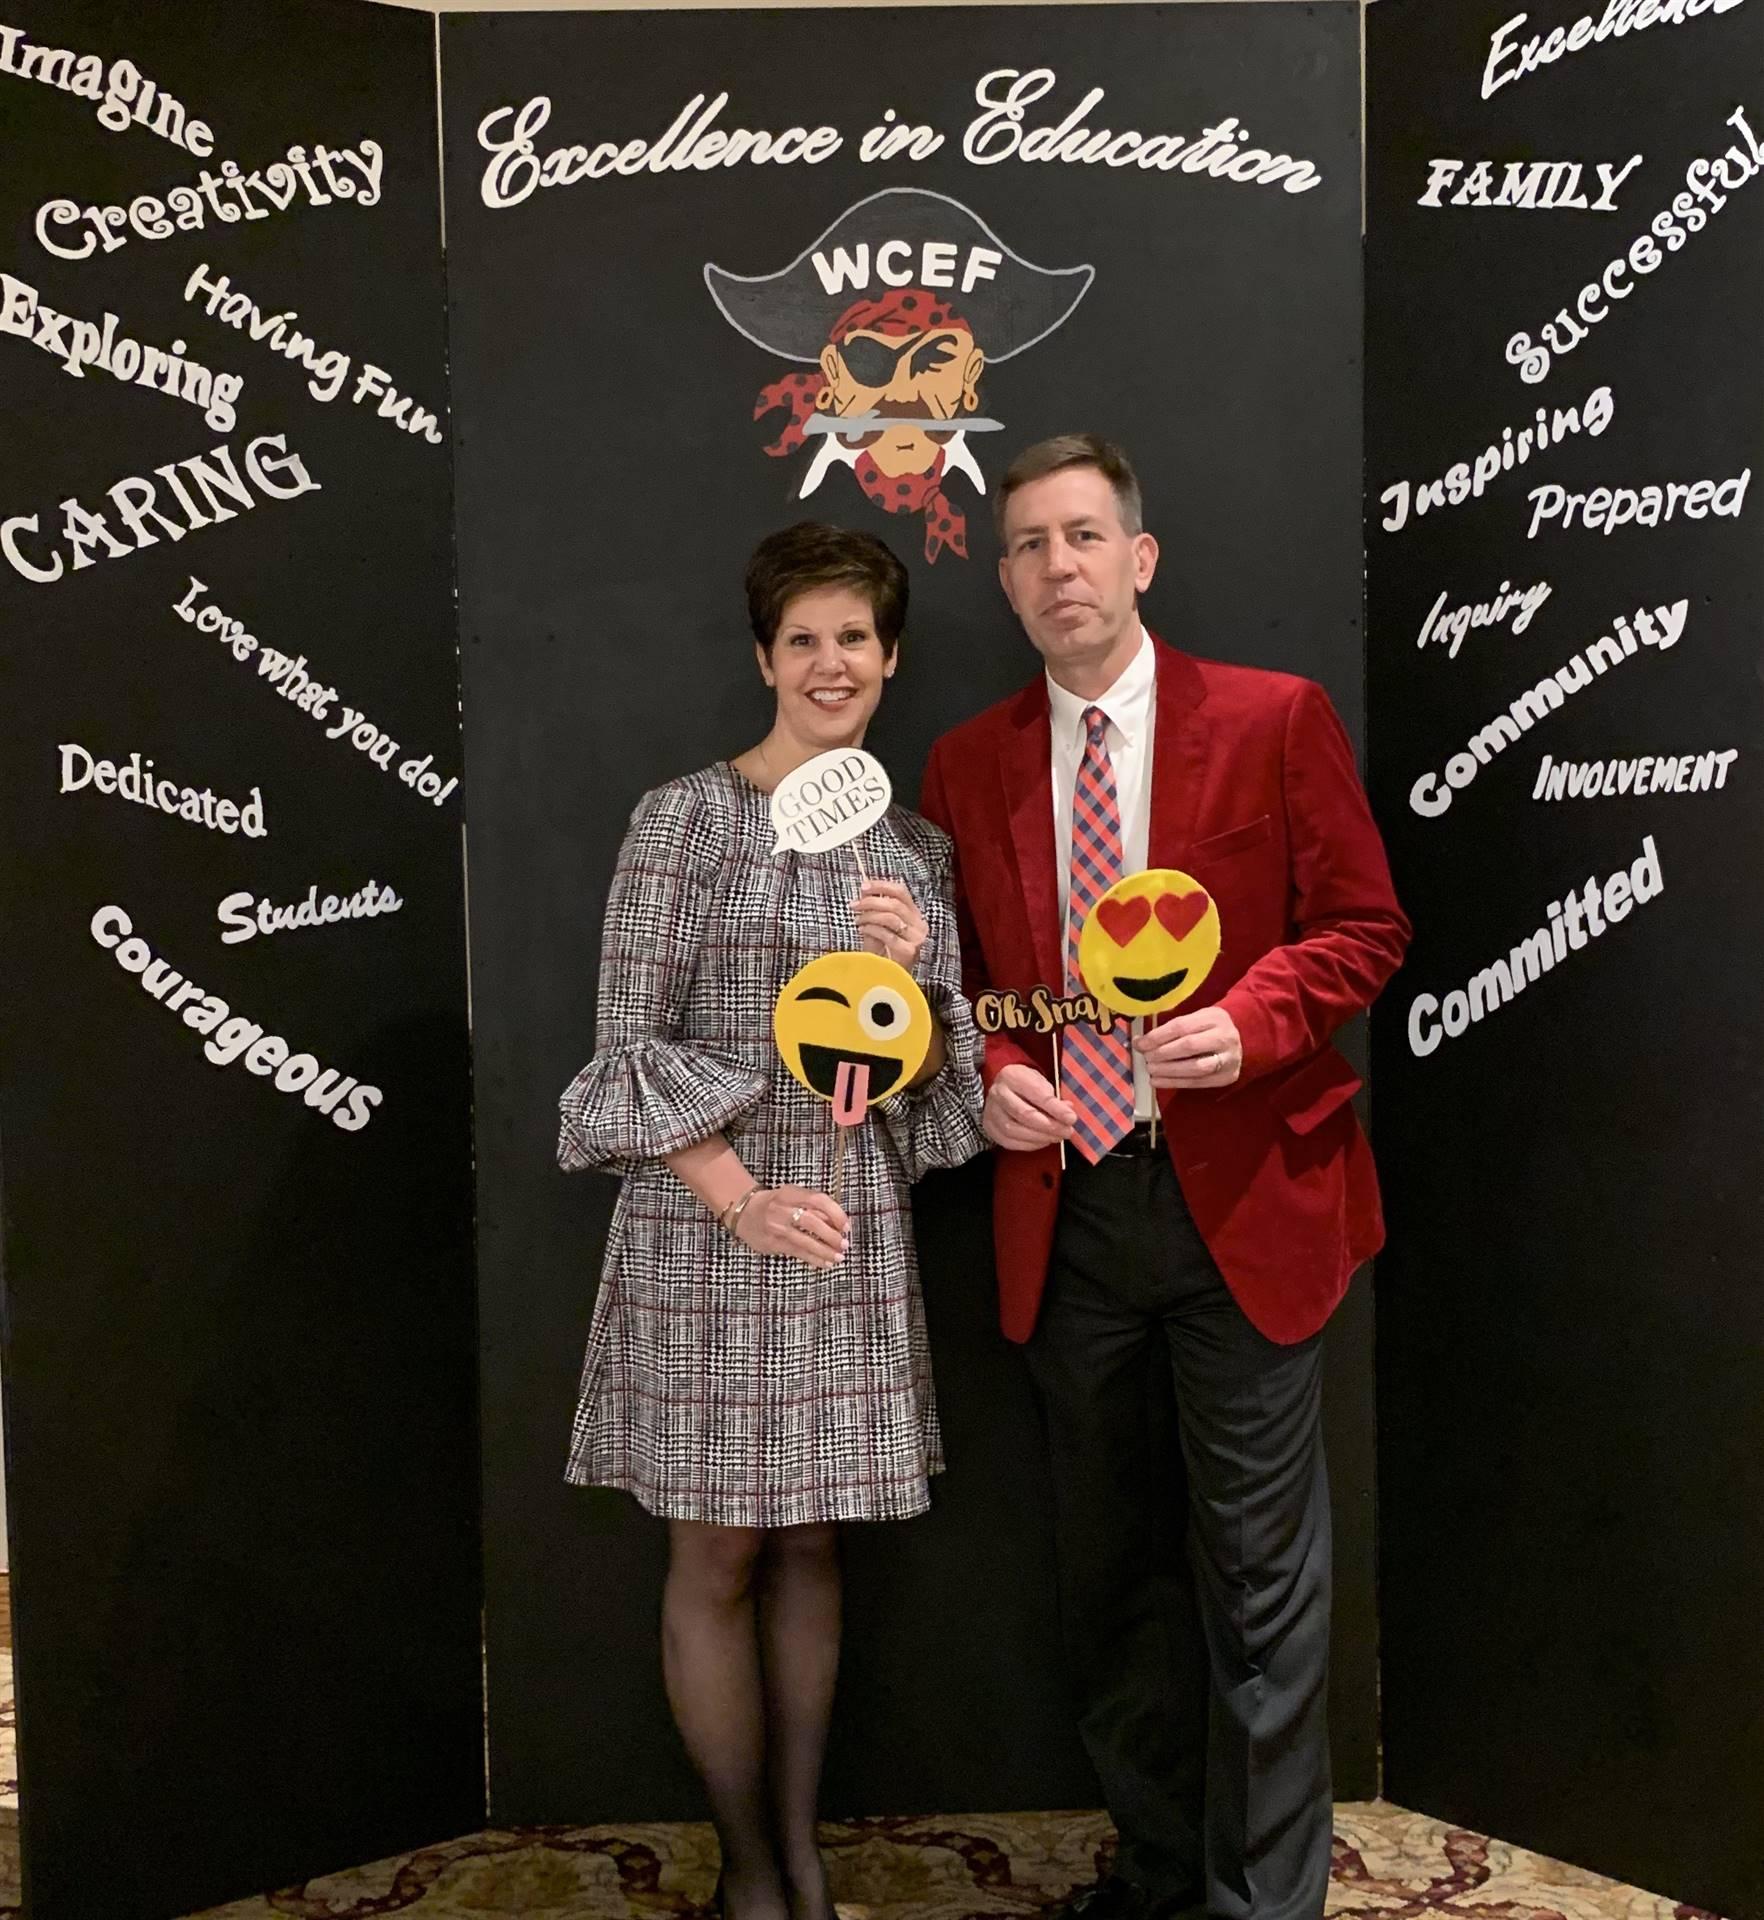 2019 Gala Fun